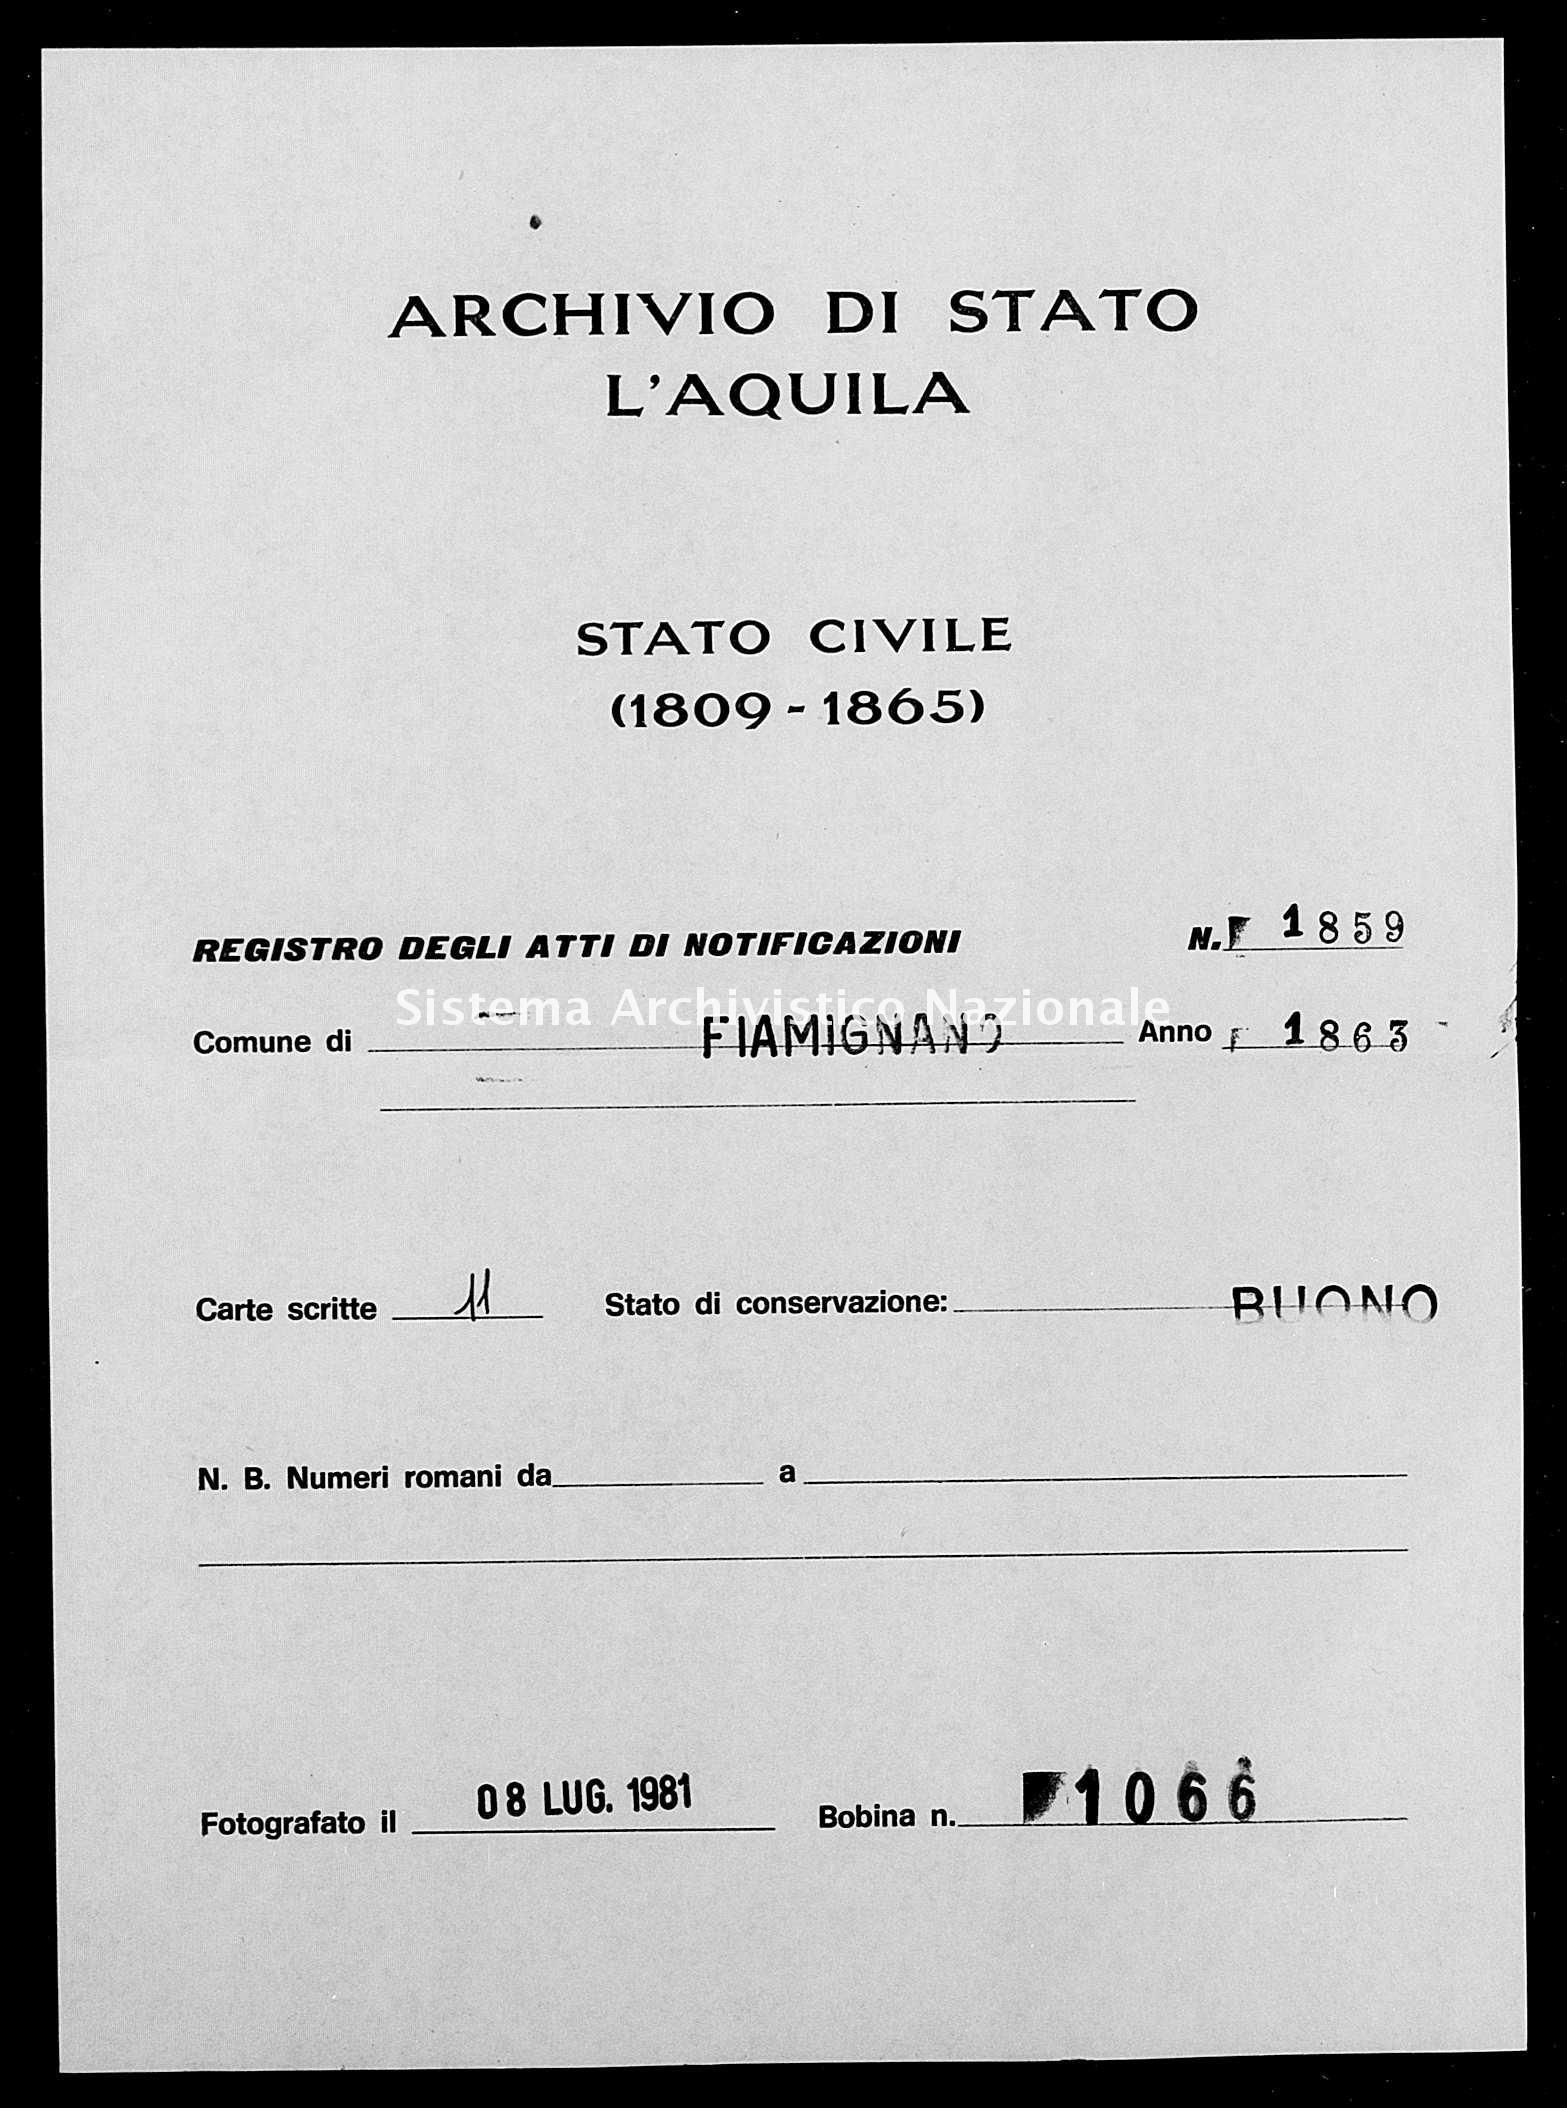 Archivio di stato di L'aquila - Stato civile italiano - Fiamignano - Matrimoni, memorandum notificazioni ed opposizioni - 1863 - 1859 -